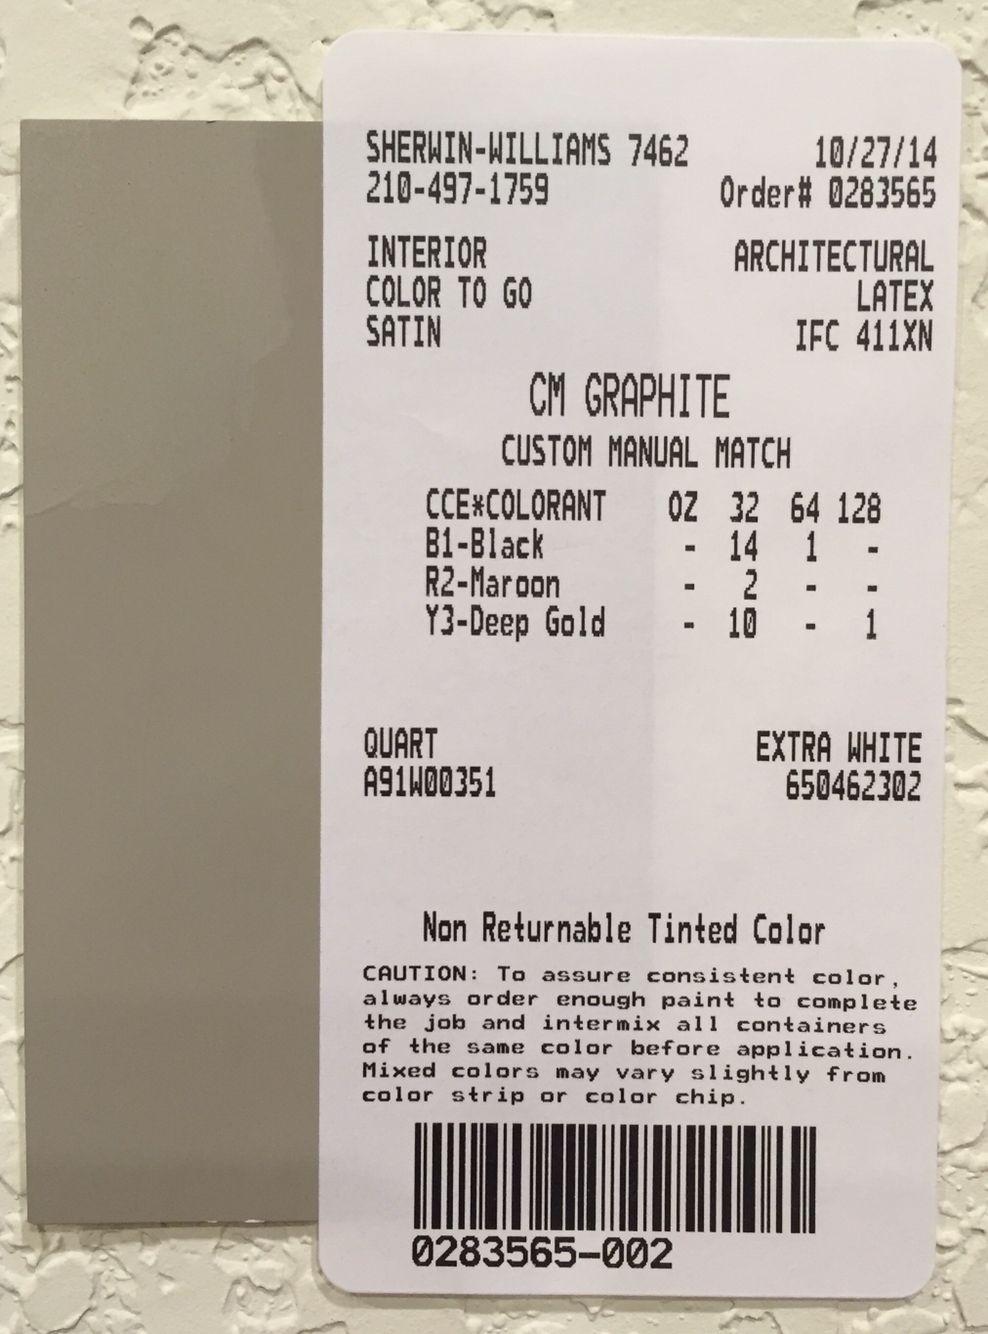 Restoration Hardware Paint Custom Color Match Graphite Paint